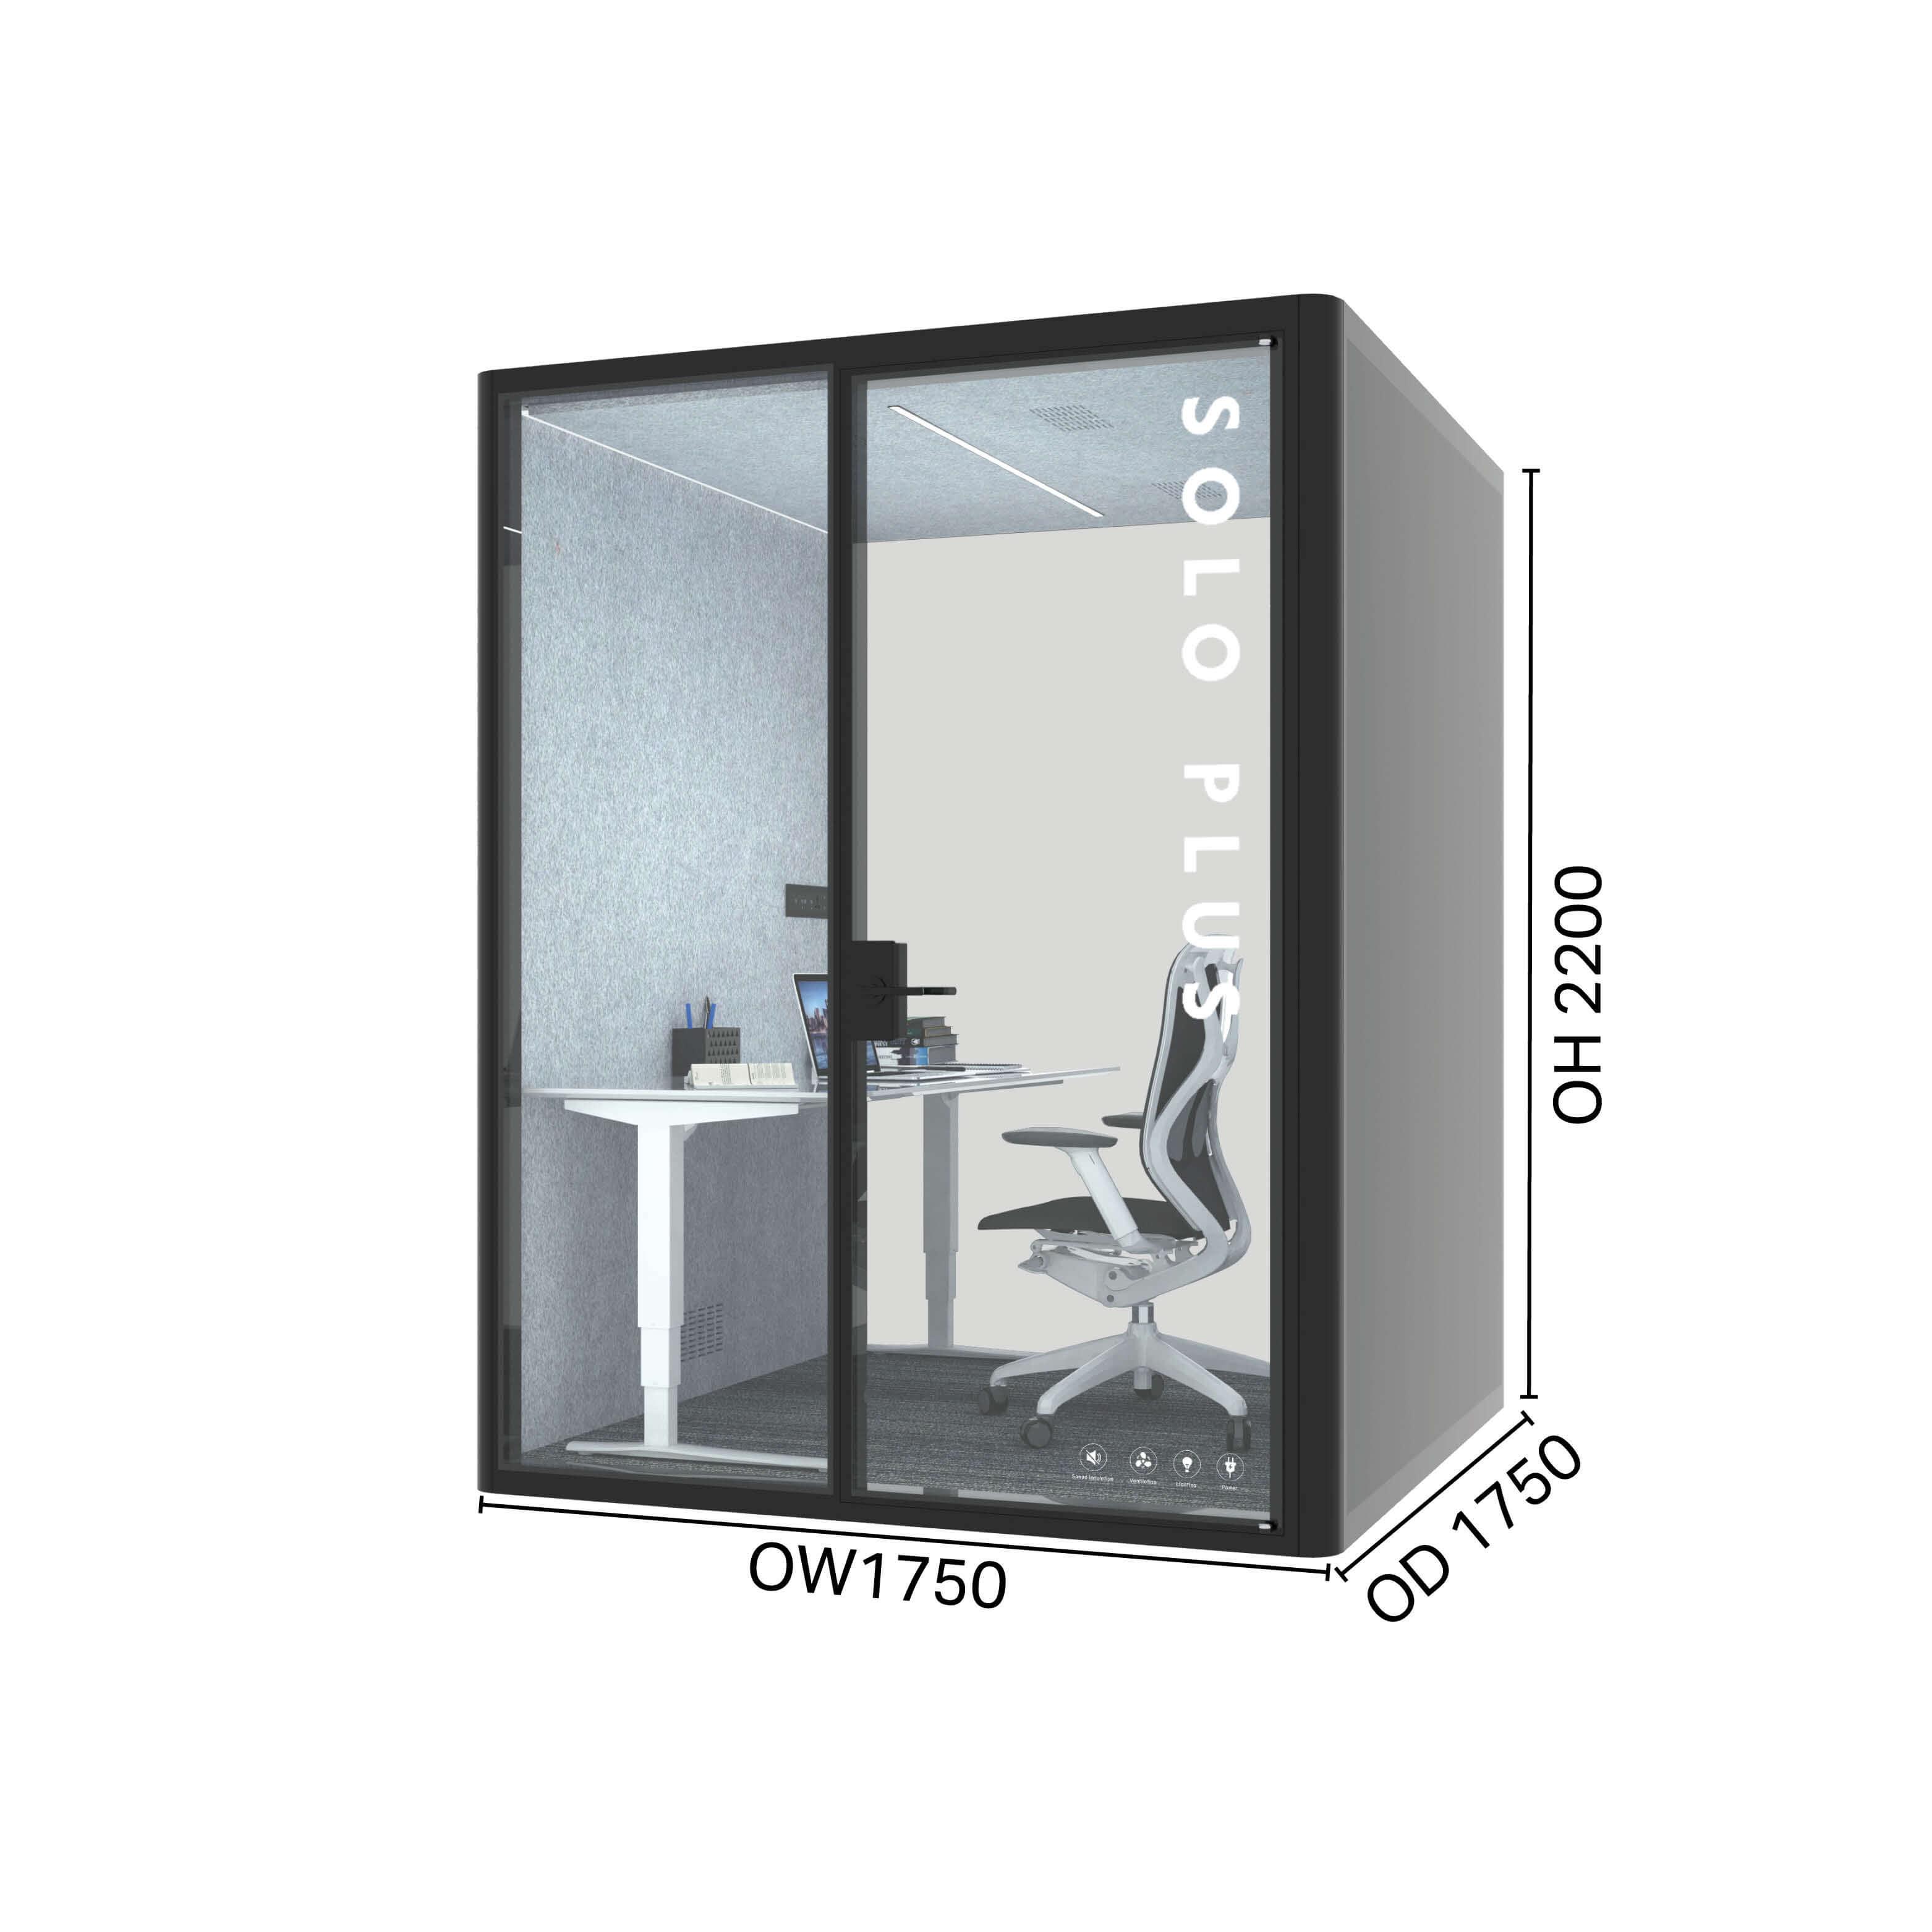 Lull Privacy pod - Solo Plus